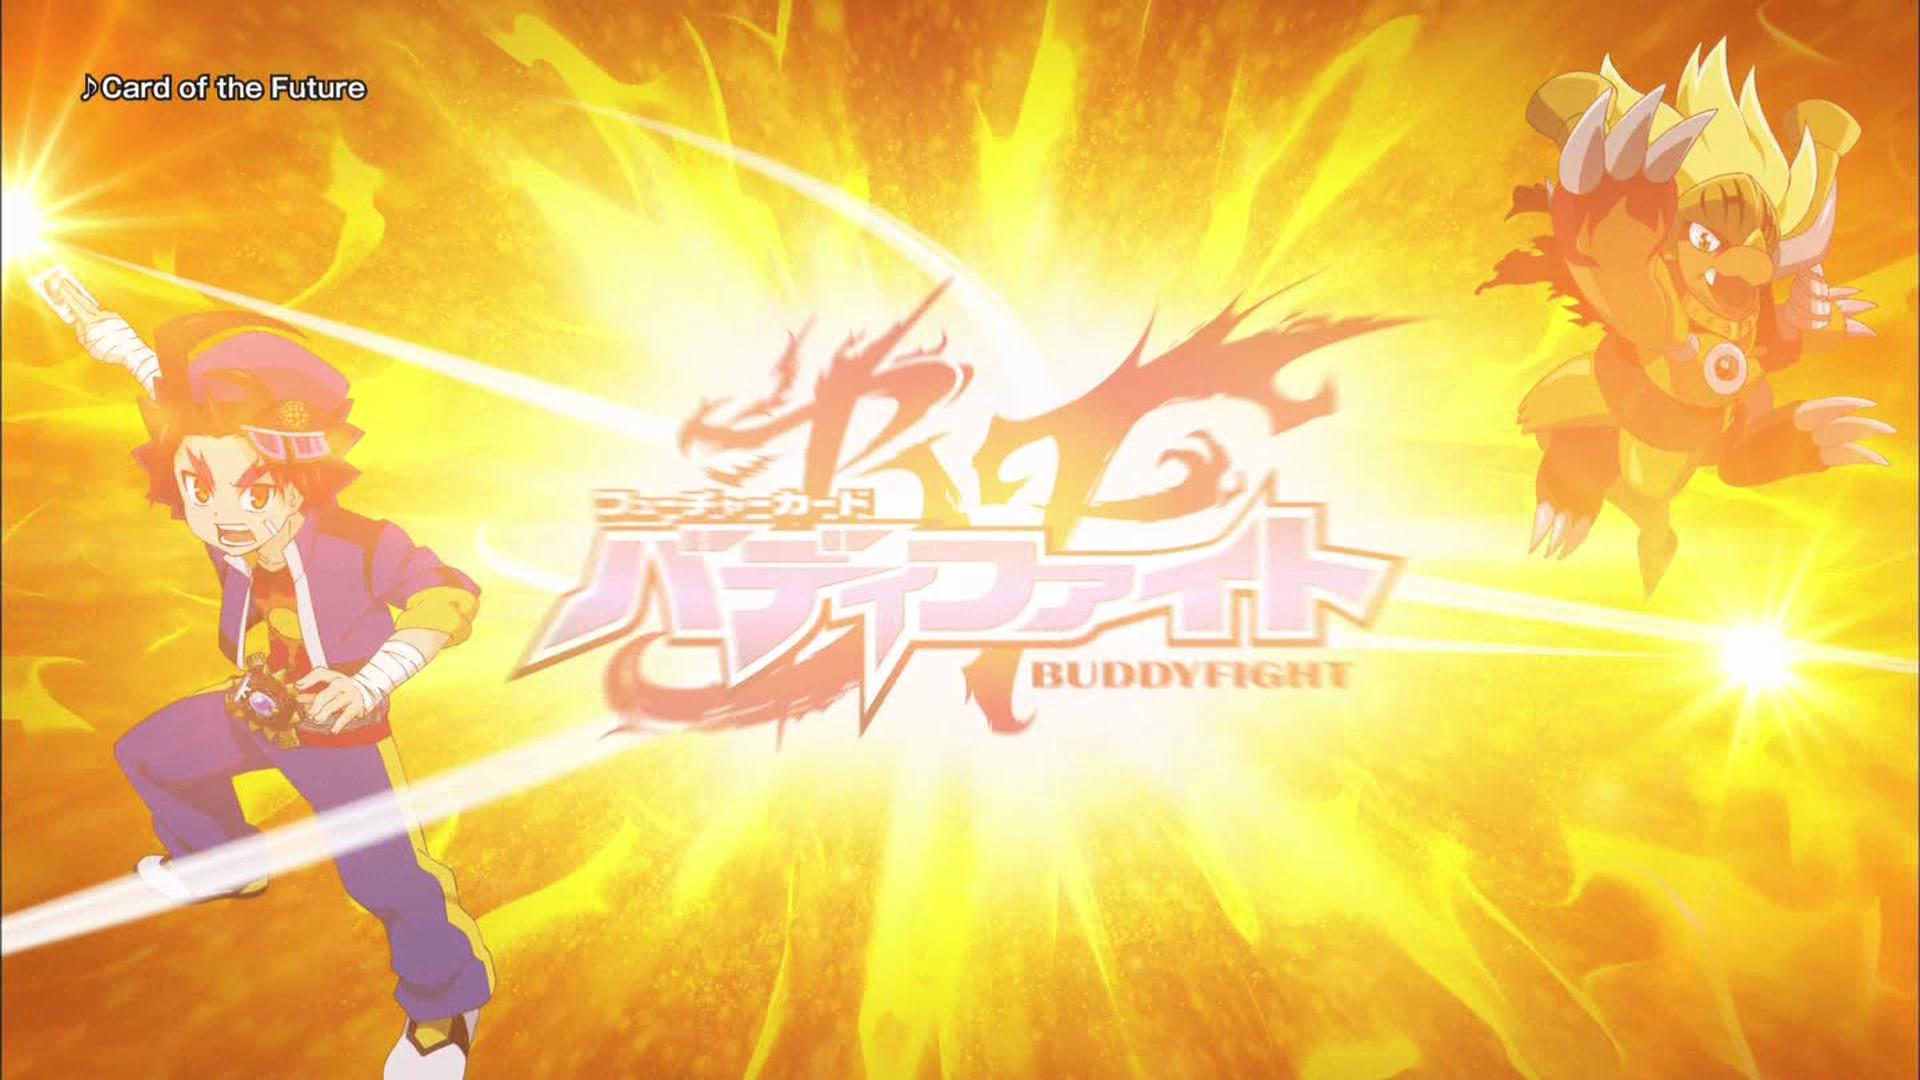 オレカバトル&ドラゴンコレクション(テレビ東京 2014-04-07T18:00:00)より